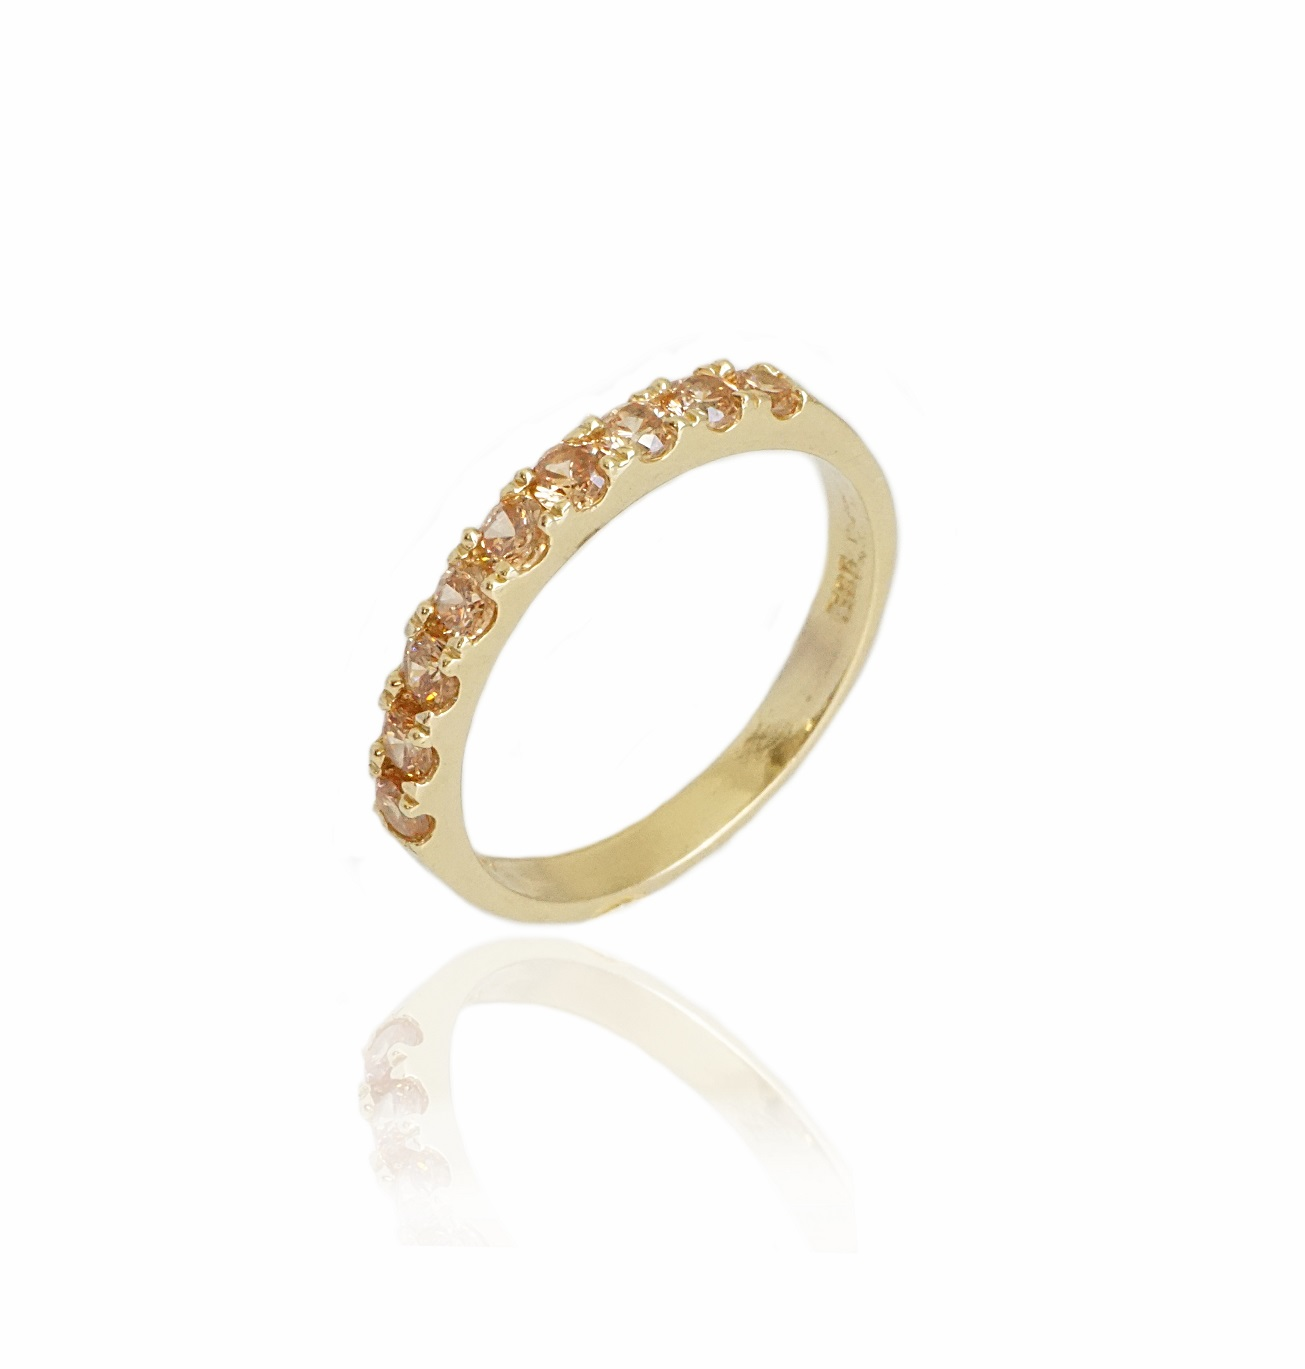 טבעת איטרניטי זרקונים שמפיין בזהב 14 קראט|טבעת זהב משלימה